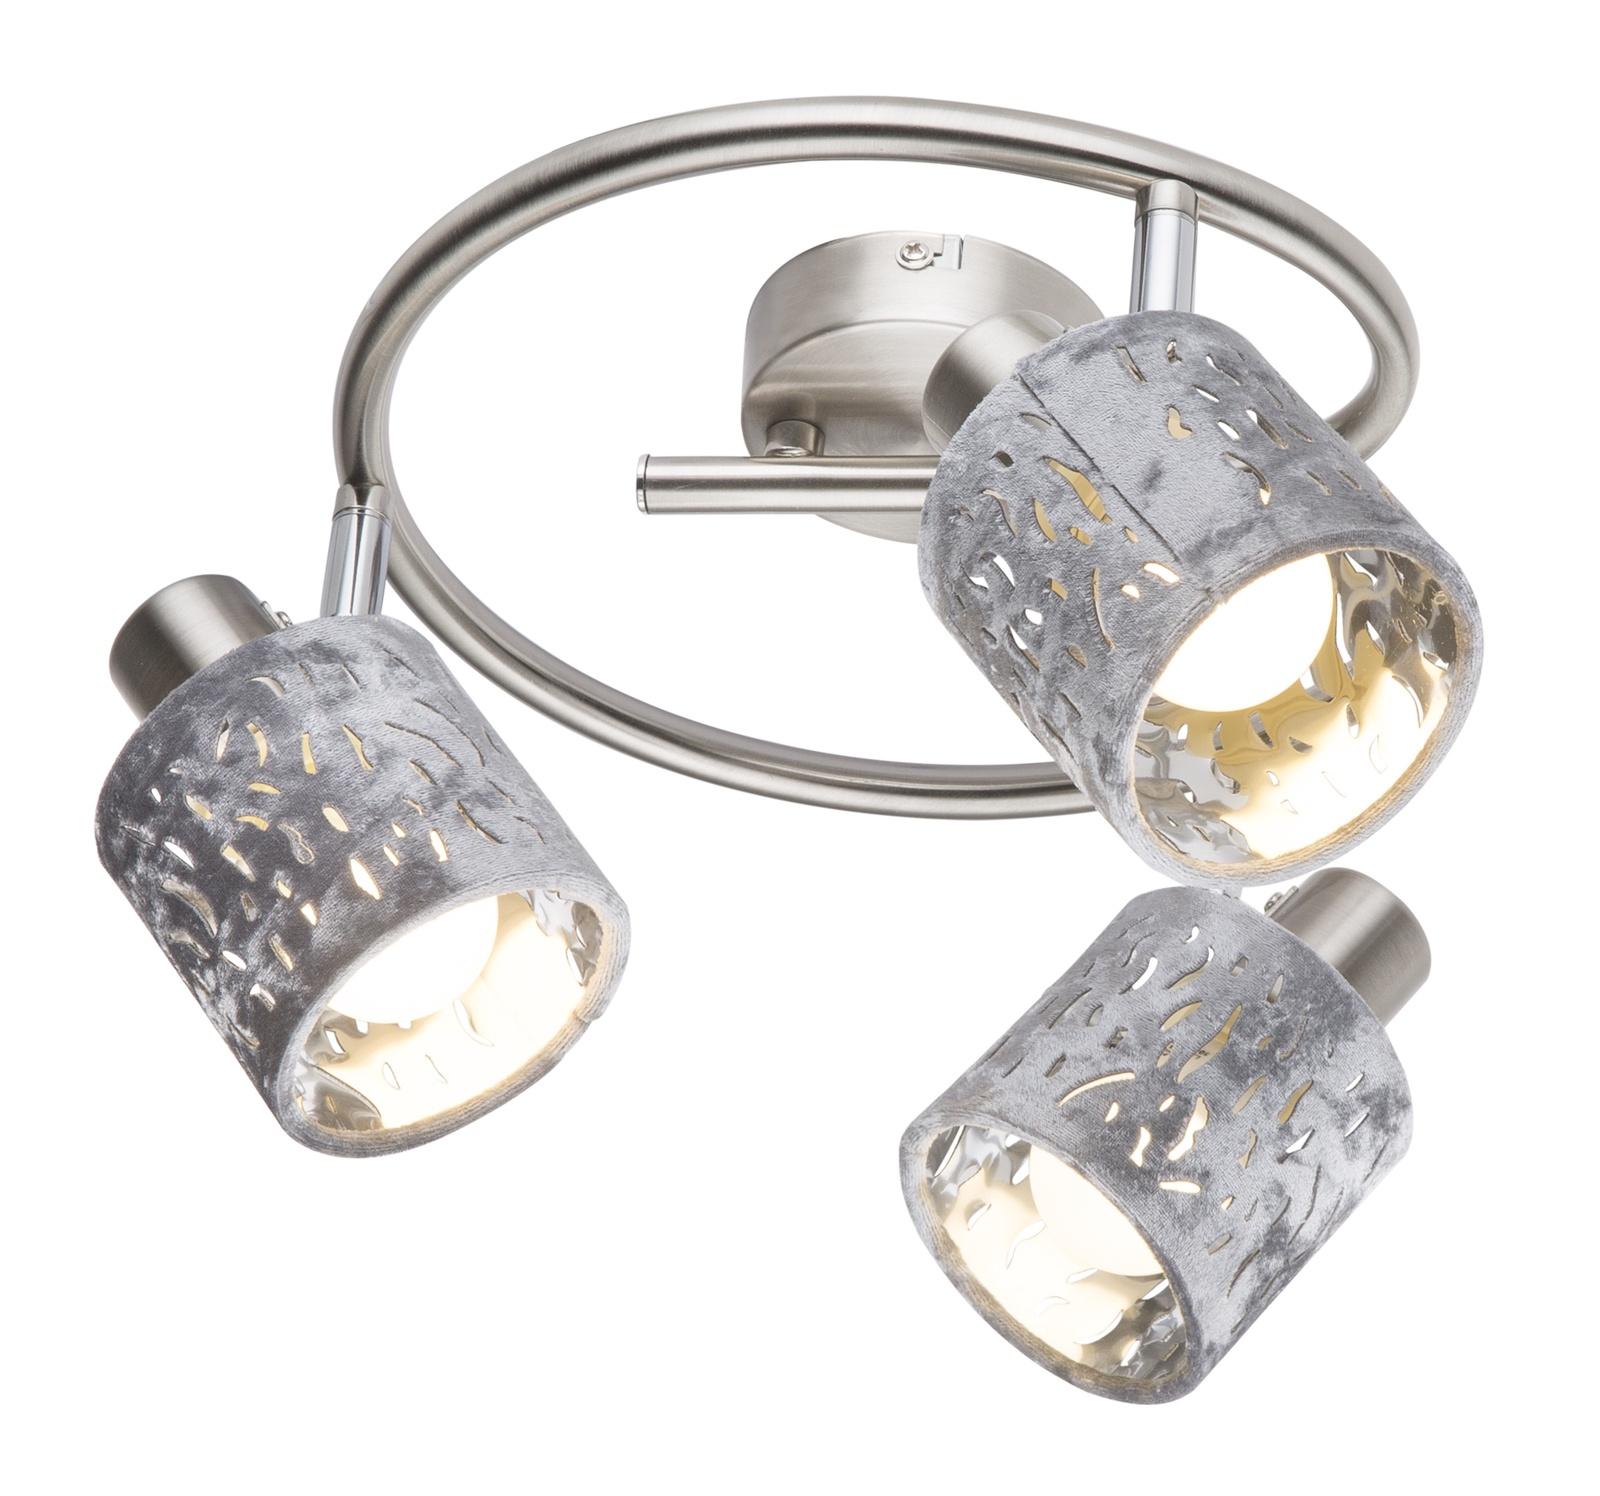 купить Настенно-потолочный светильник Настенно-потолочный светильник Alys по цене 6720 рублей